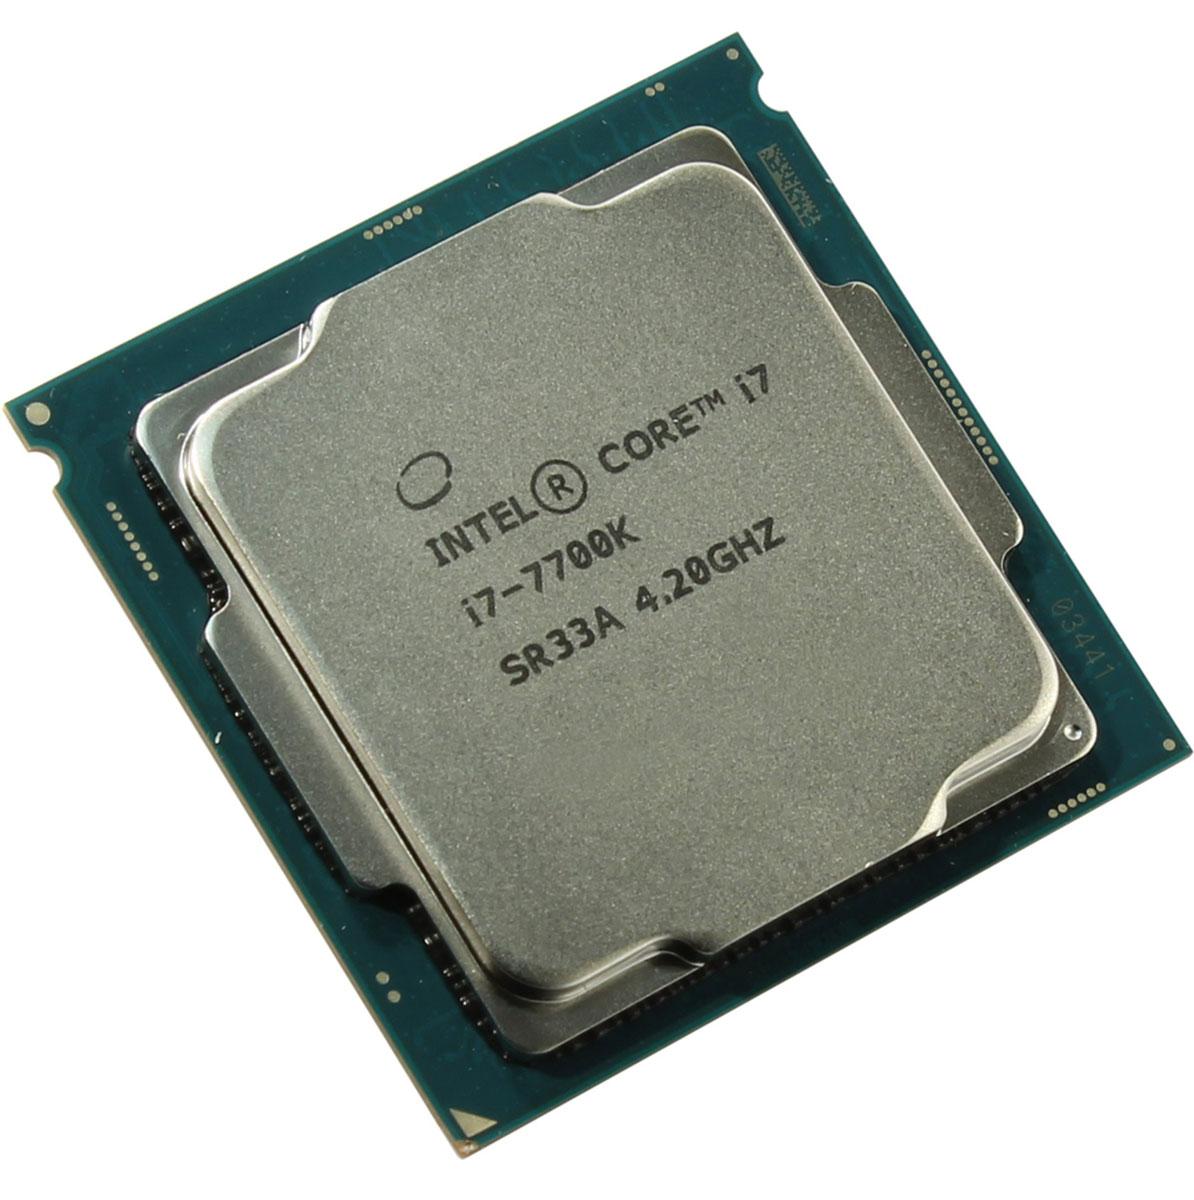 Intel Core i7-7700K процессор выключатель двухклавишный с подсветкой черный матовый wl08 sw 2g led 4690389054198